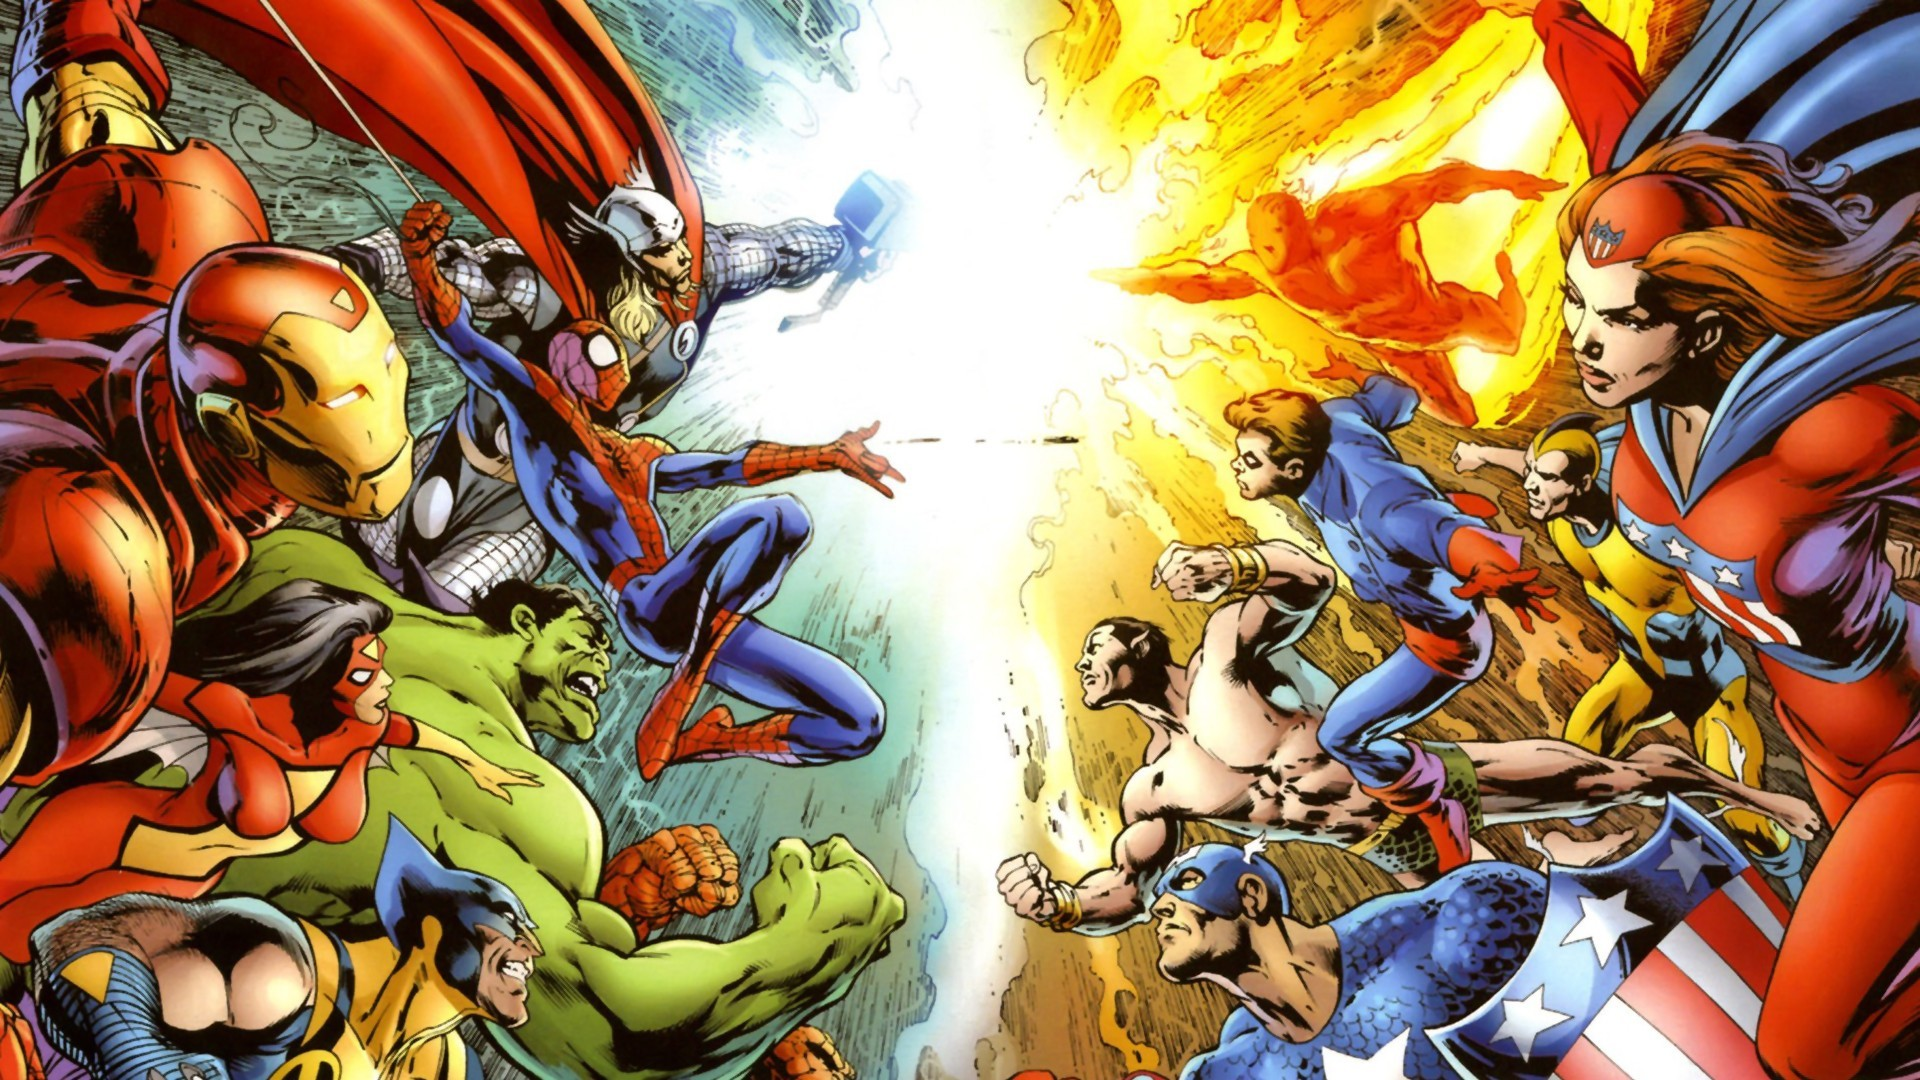 Free Wallpaper Superheroes - WallpaperSafari